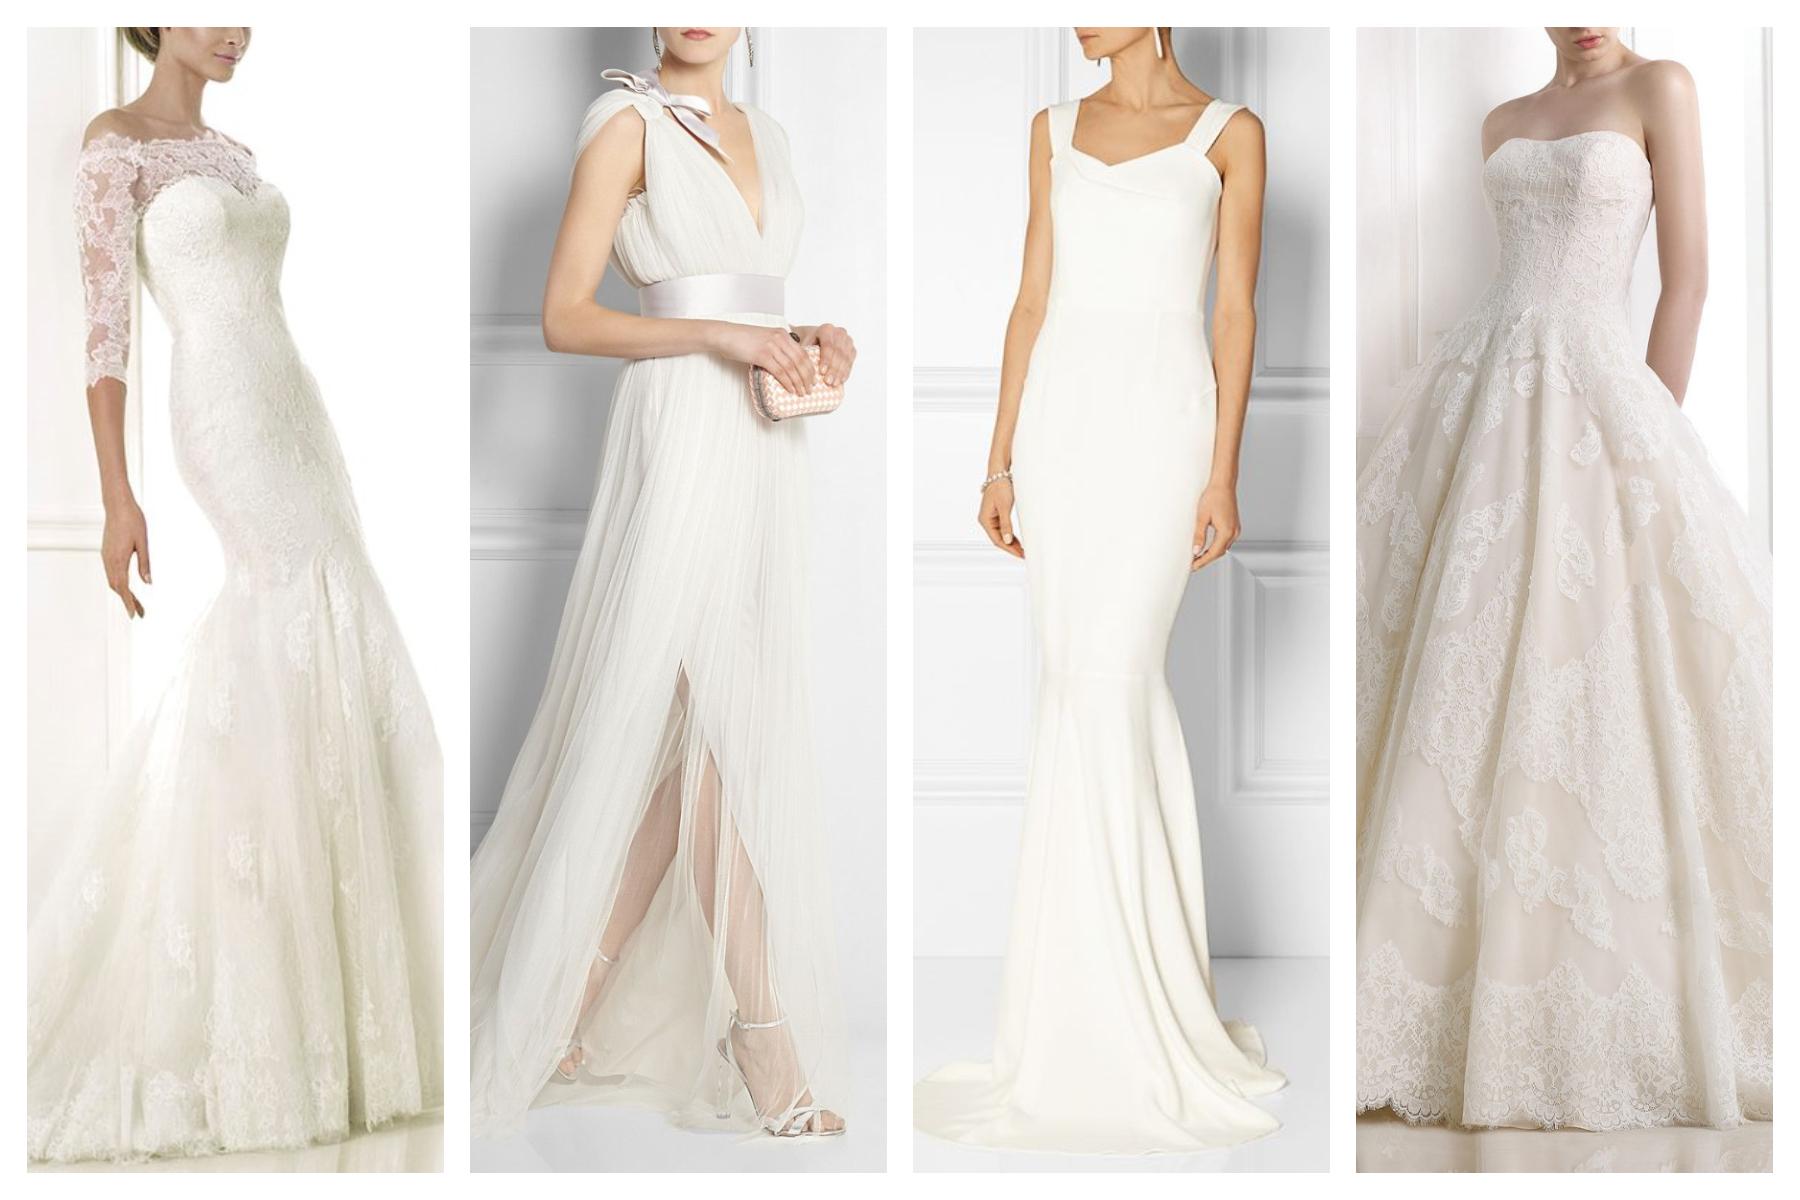 huge selection of 69ad0 acfa8 Come scegliere l'abito da sposa in base alla Body Shape ...